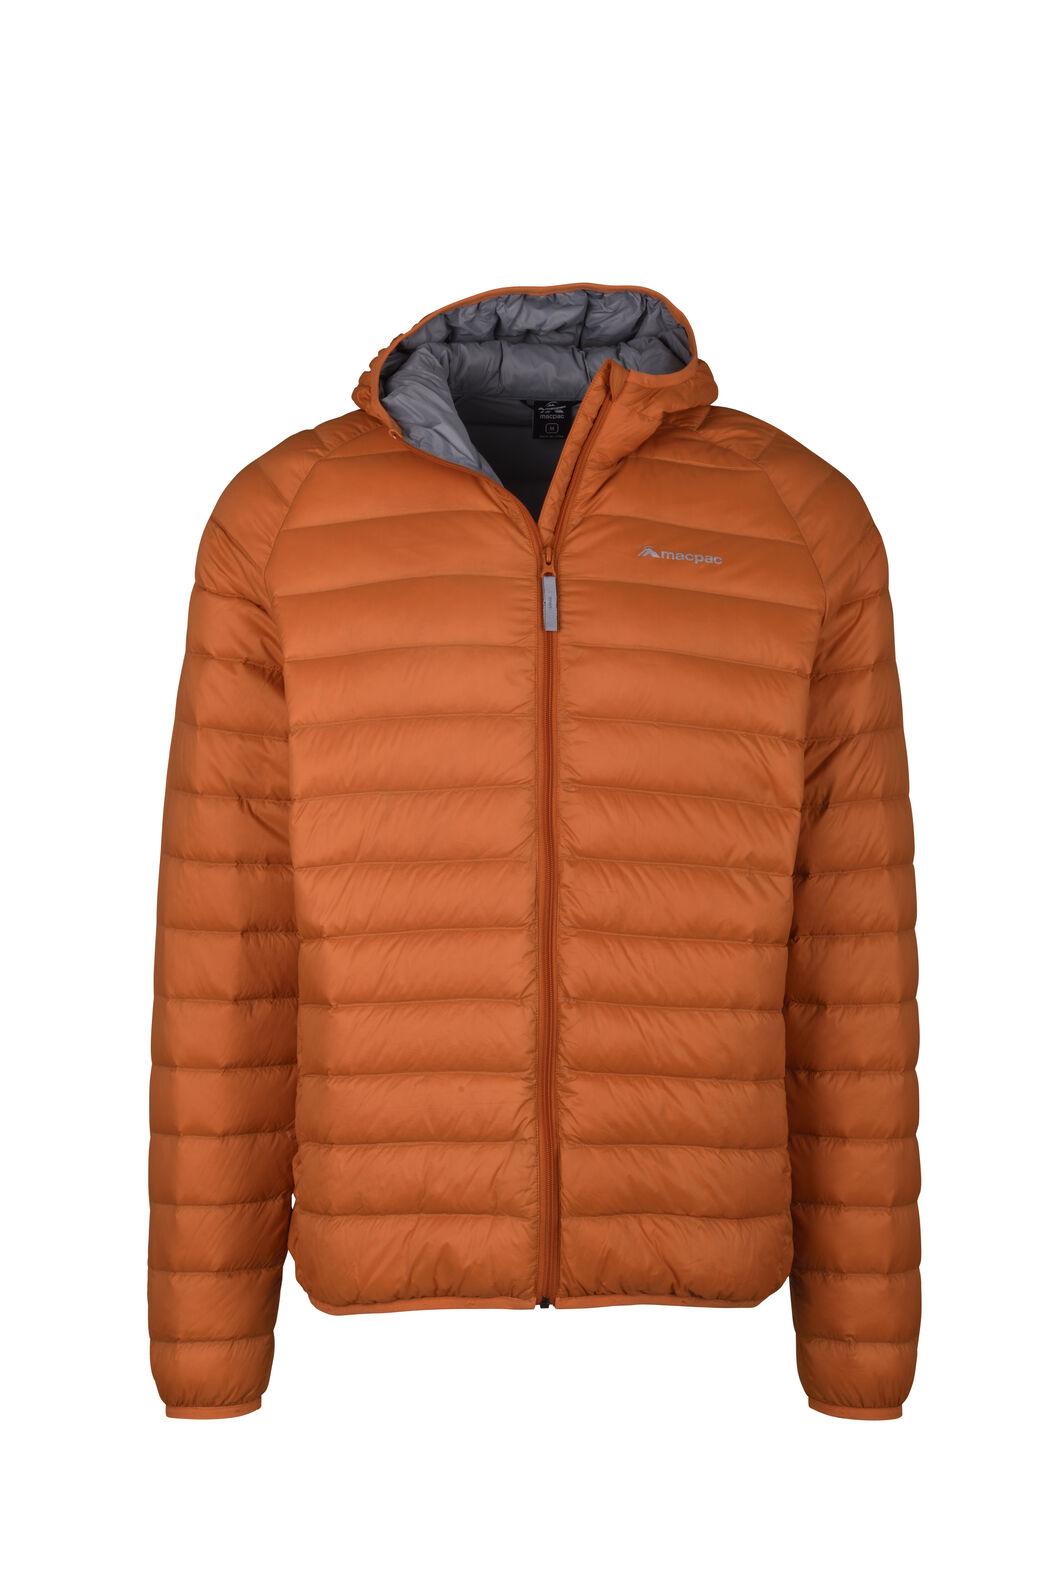 Macpac Uber Hooded Down Jacket - Men's, Burnt Orange, hi-res